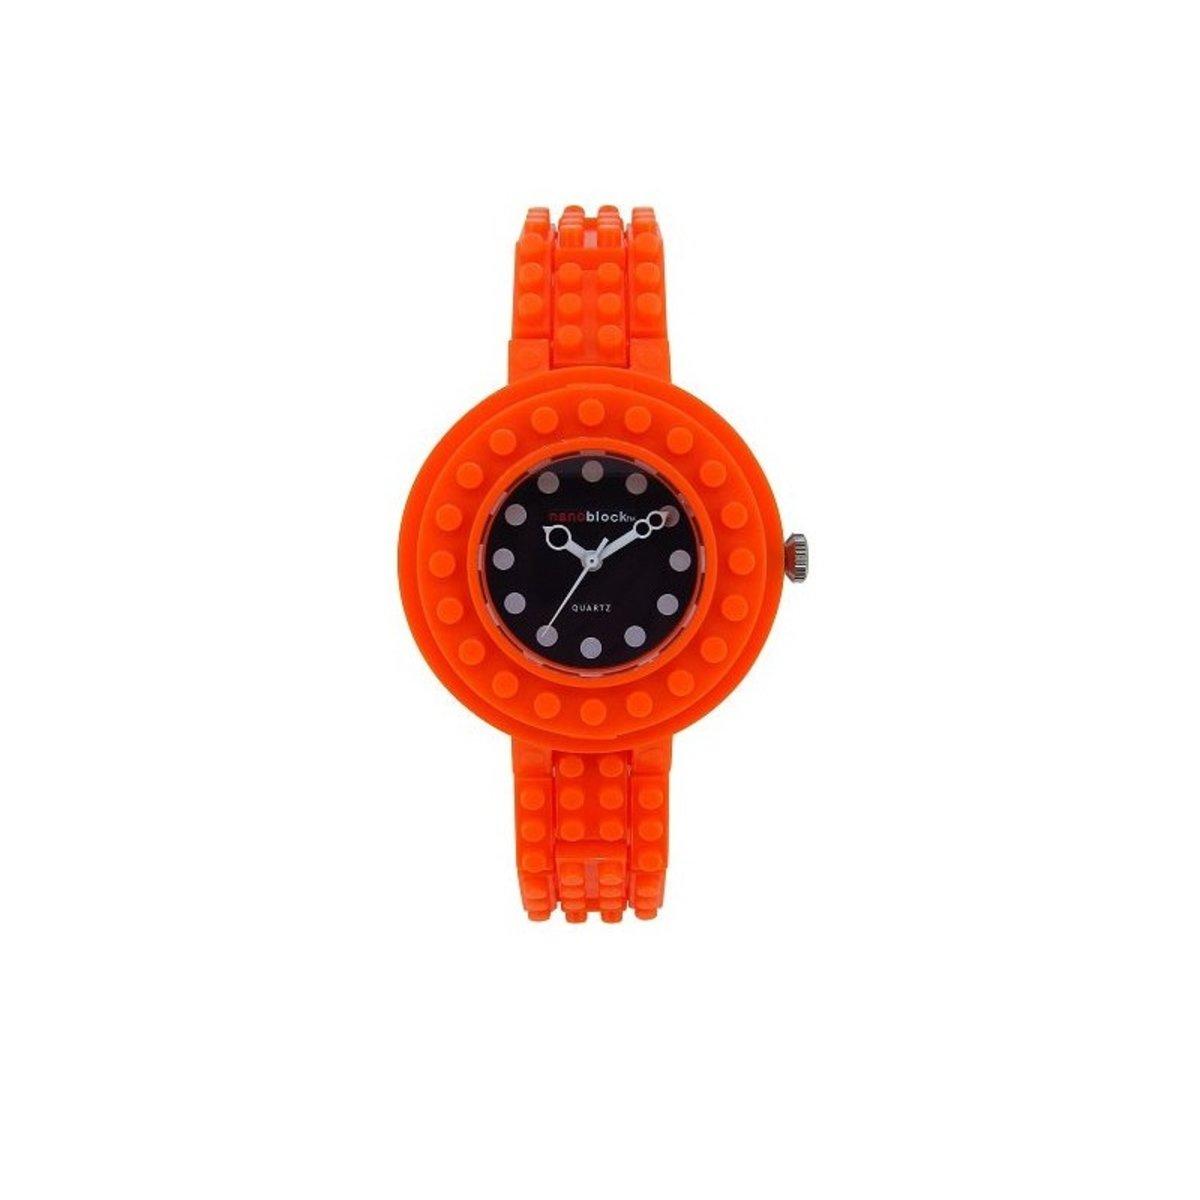 圓殼系列樂高積木錶-橙色/CIR-09 平行進口